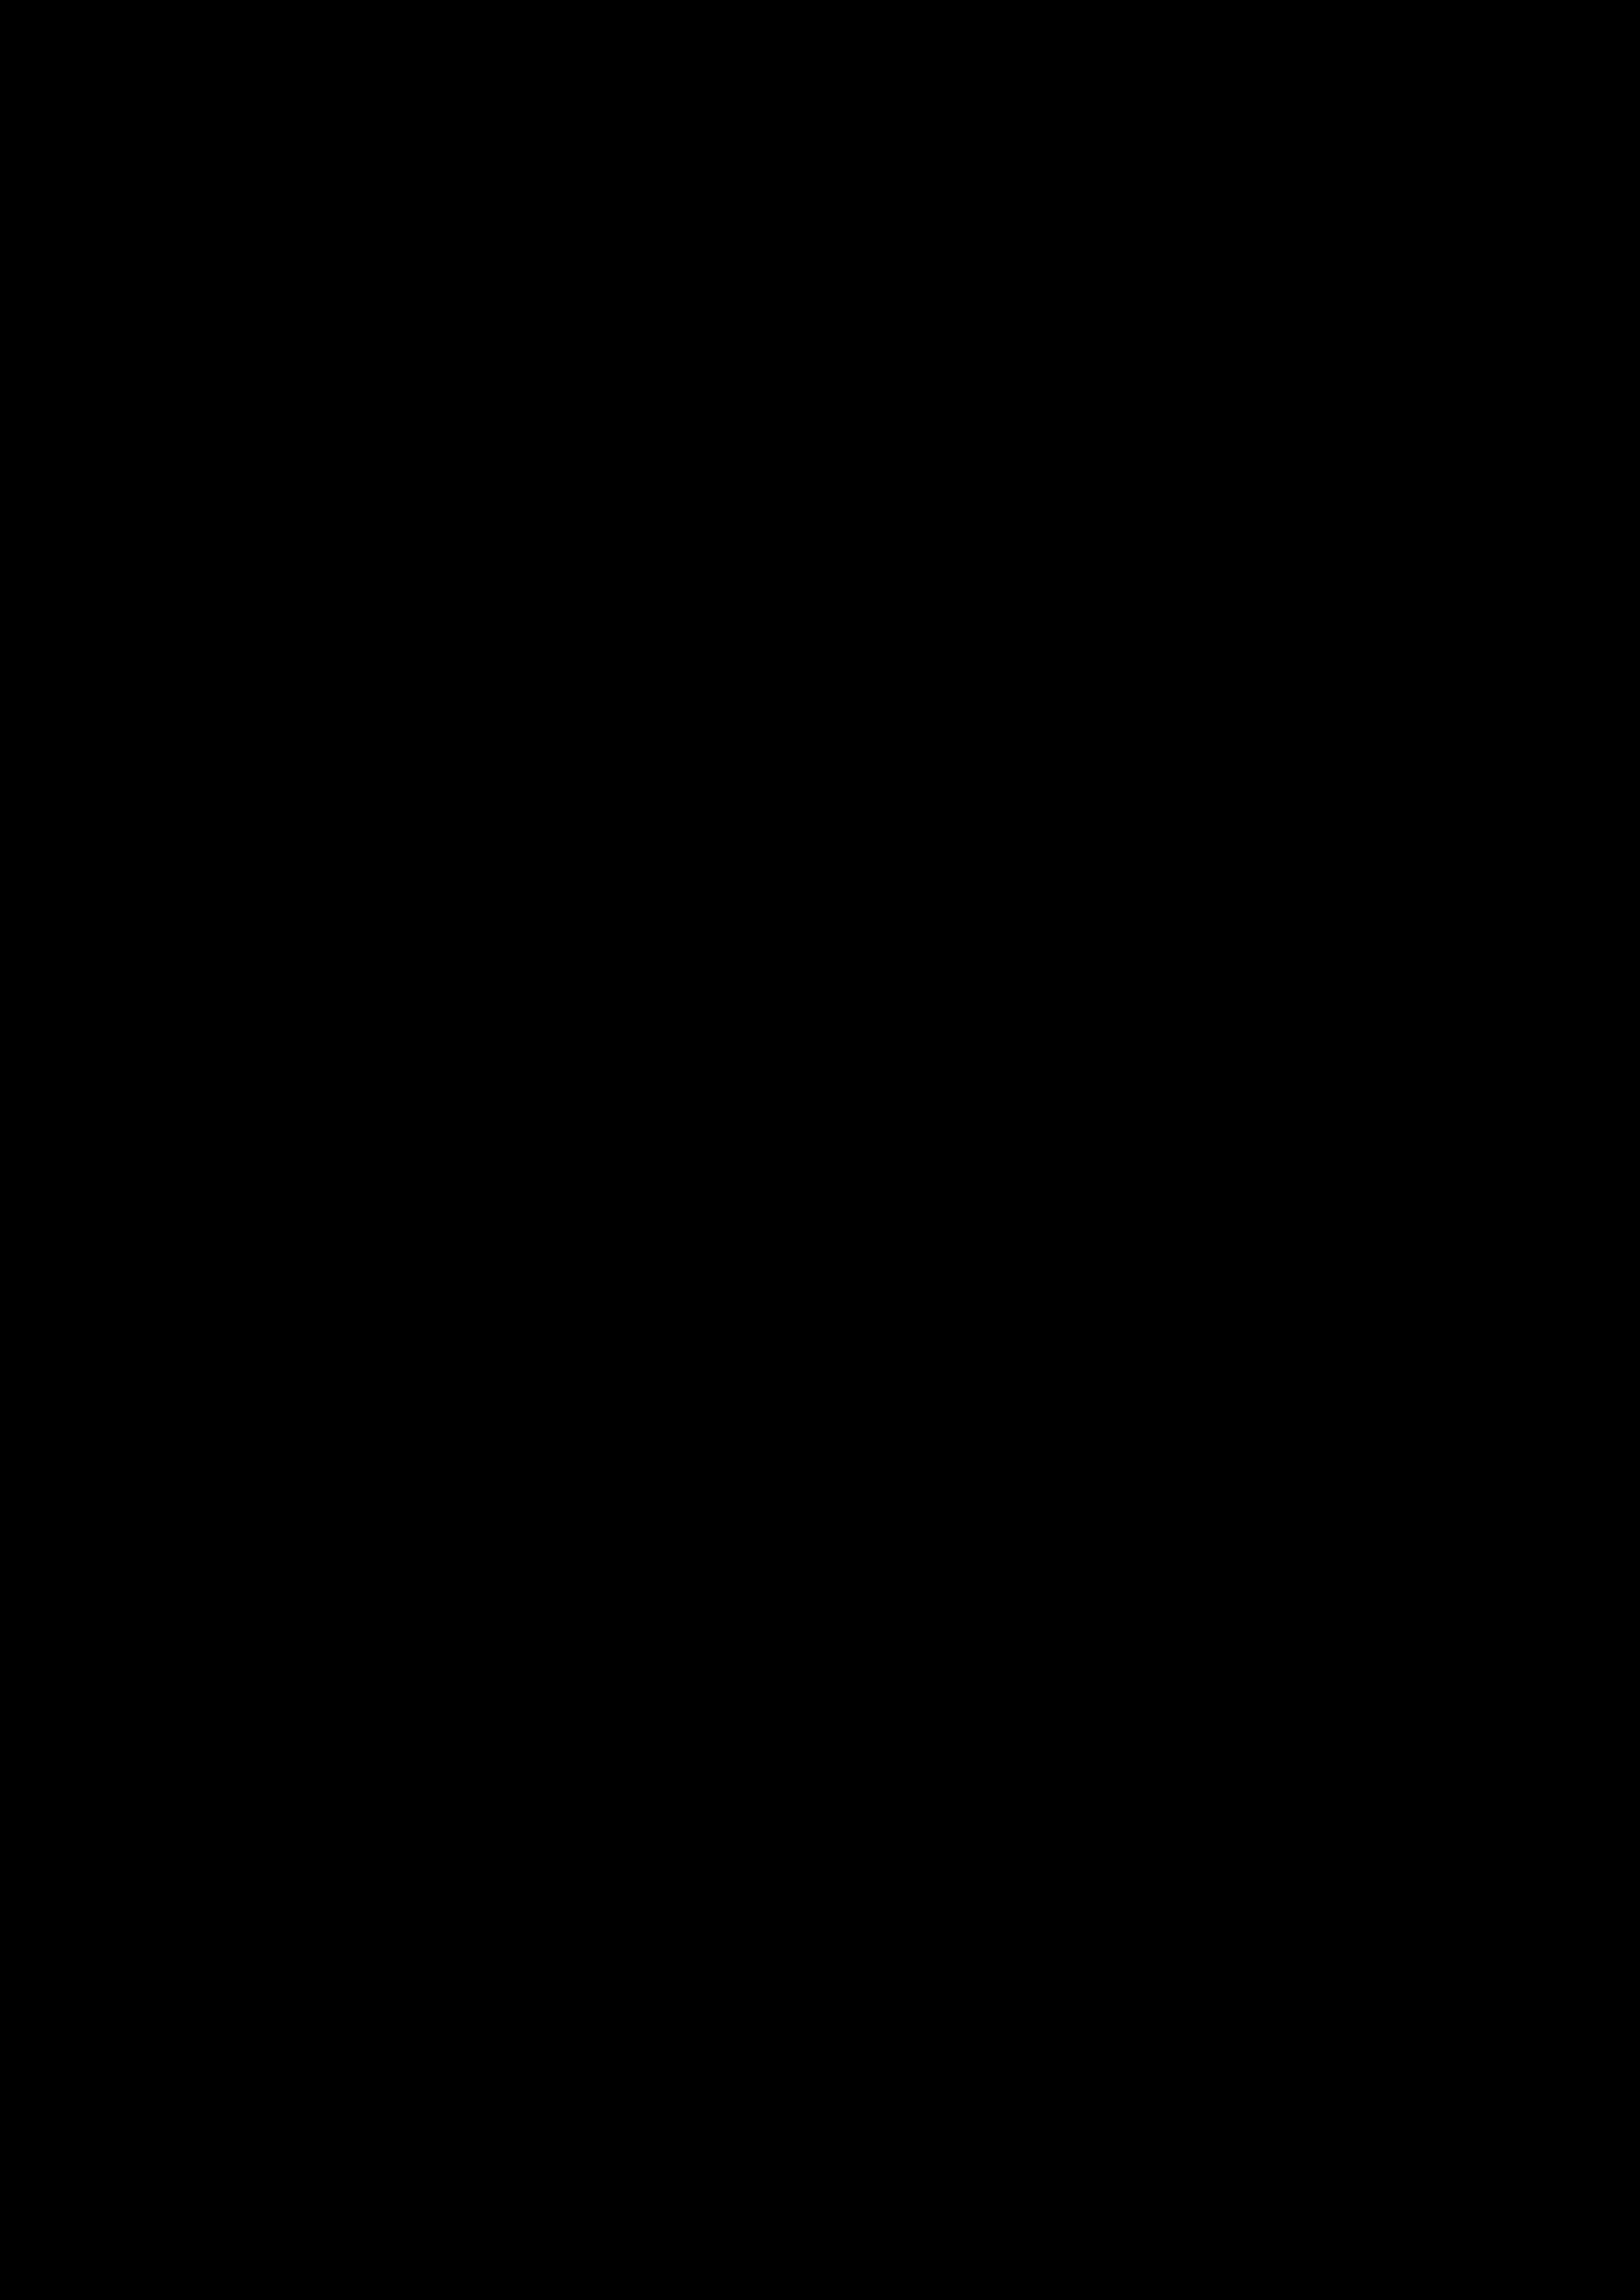 plakat -Obchody Tragedii Smoleńskiej